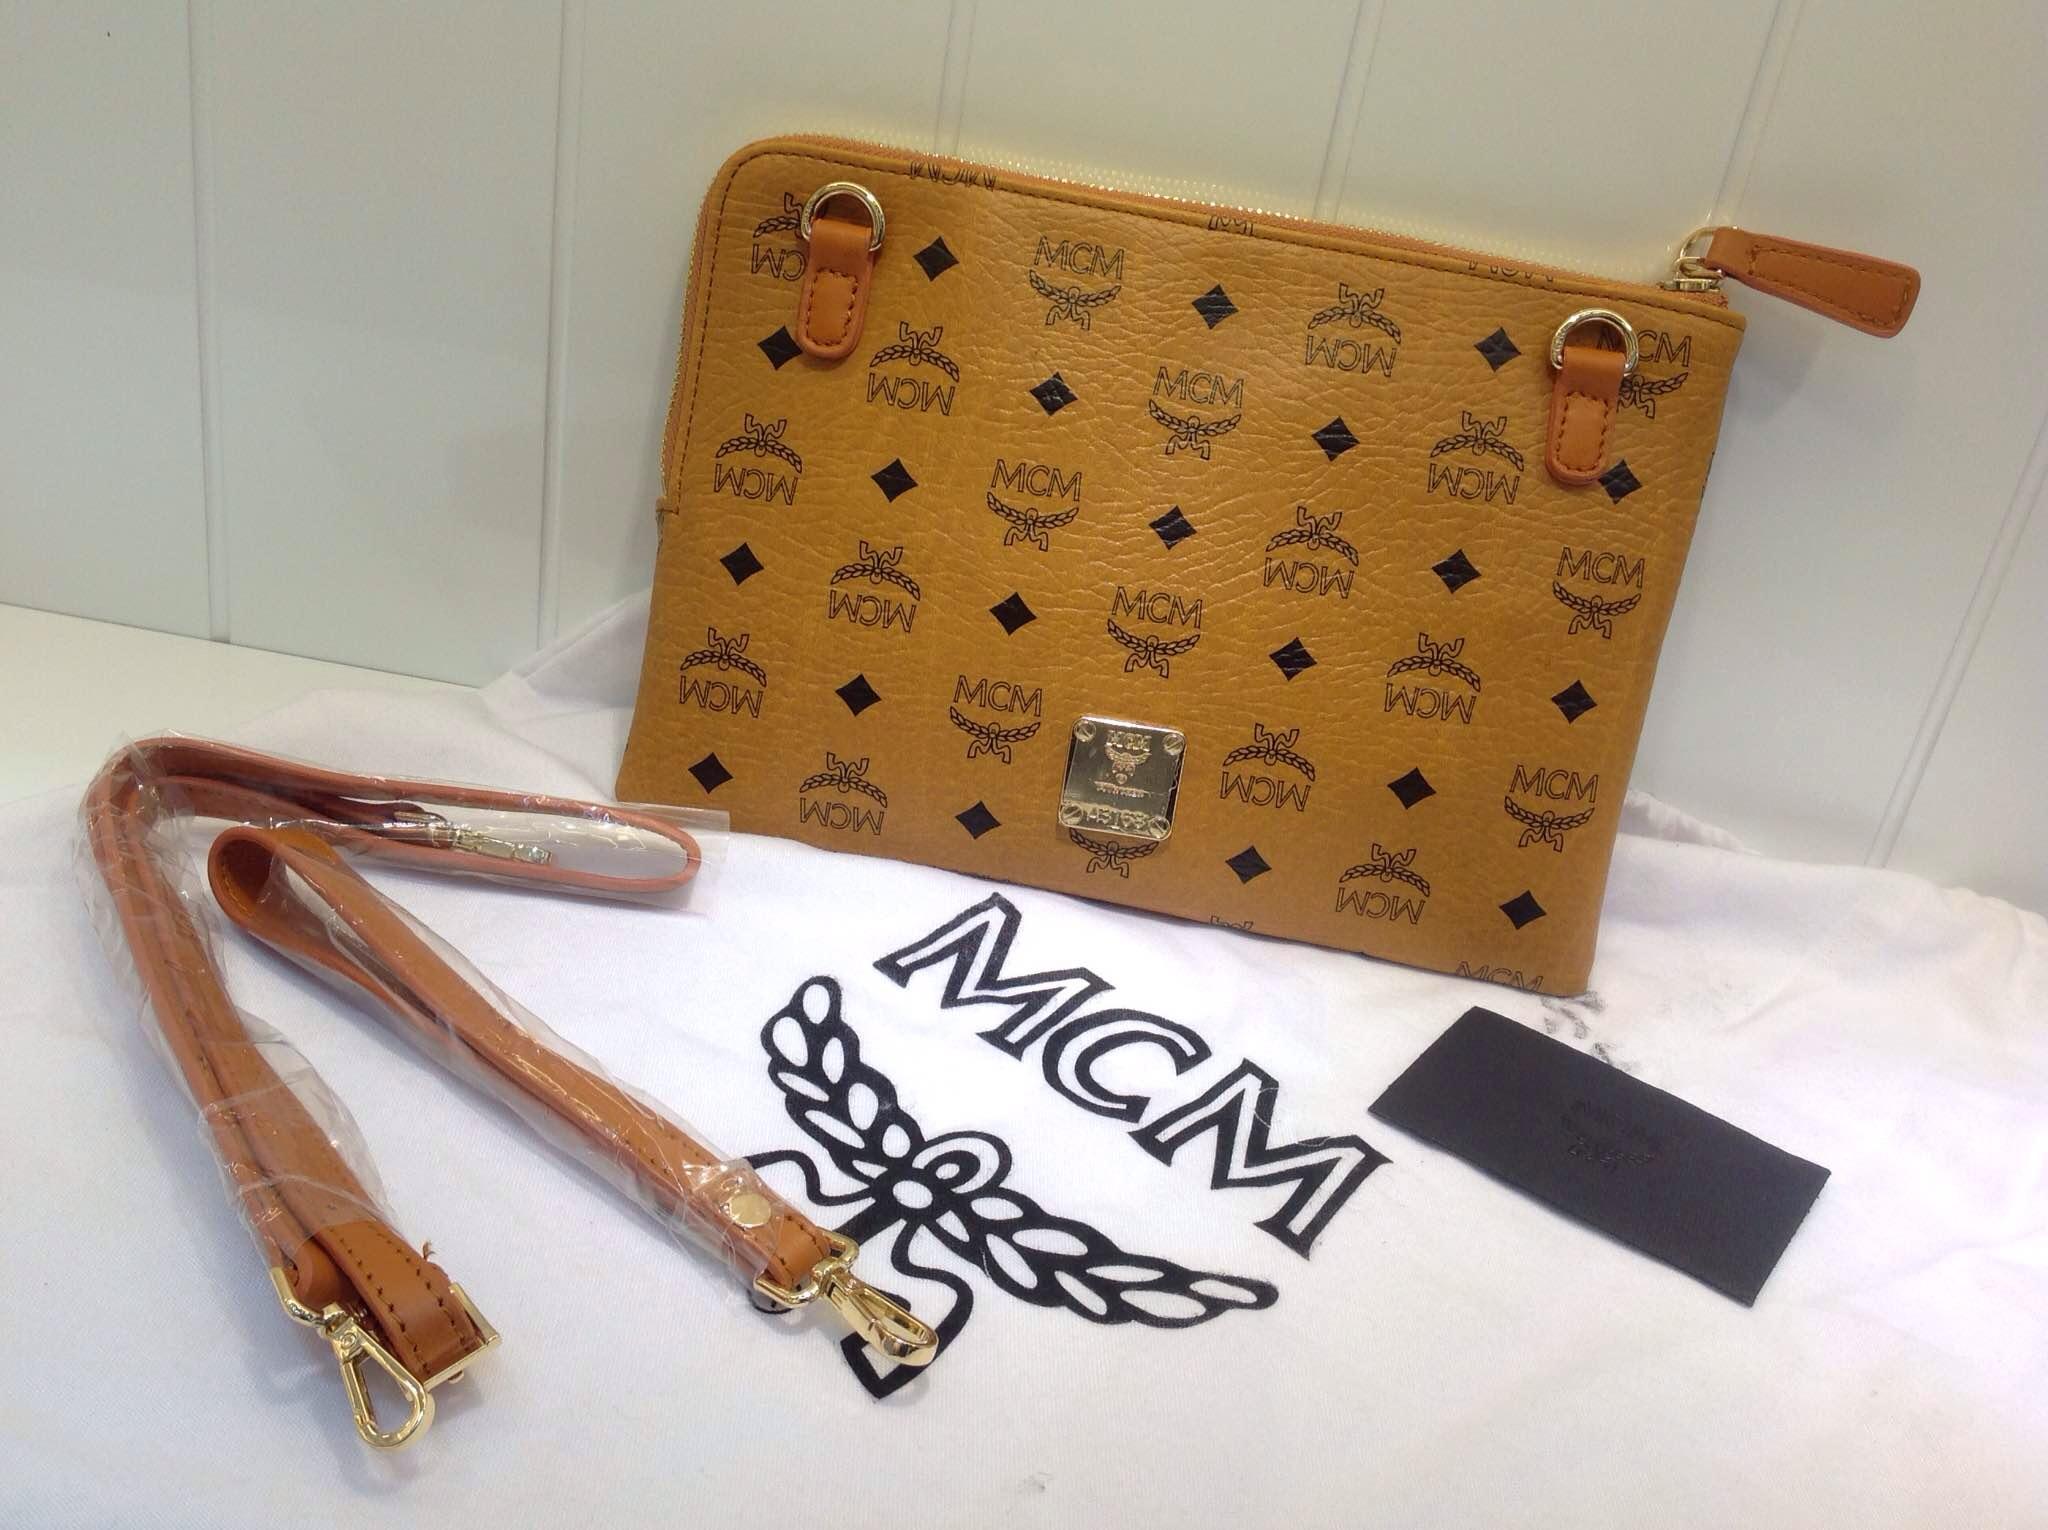 2015限量版铆钉带钻 MCM手包 时尚引领